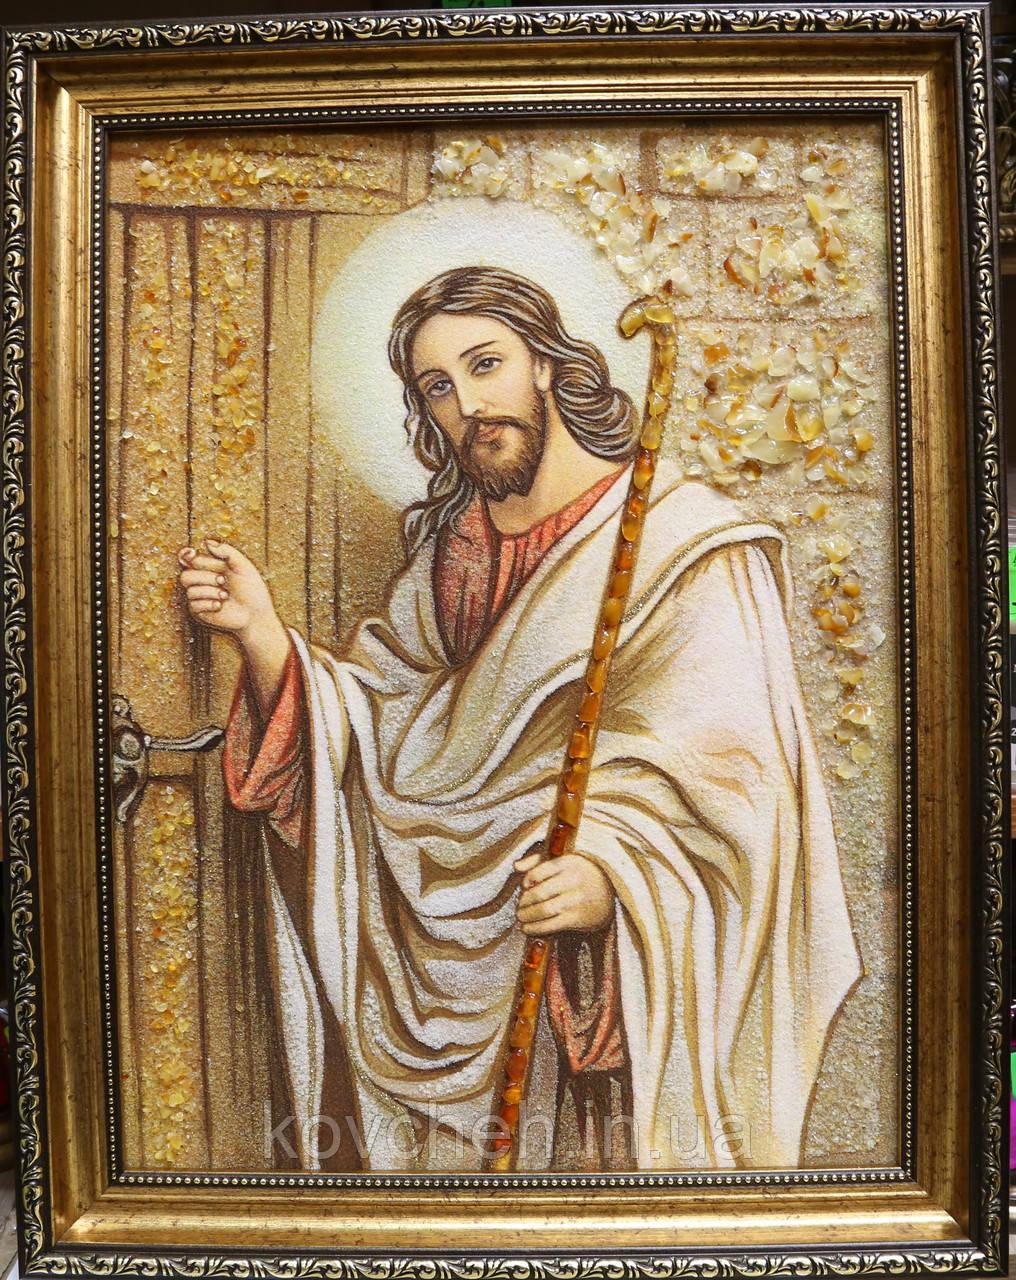 Иисус стучит в дверь из янтаря 50/40